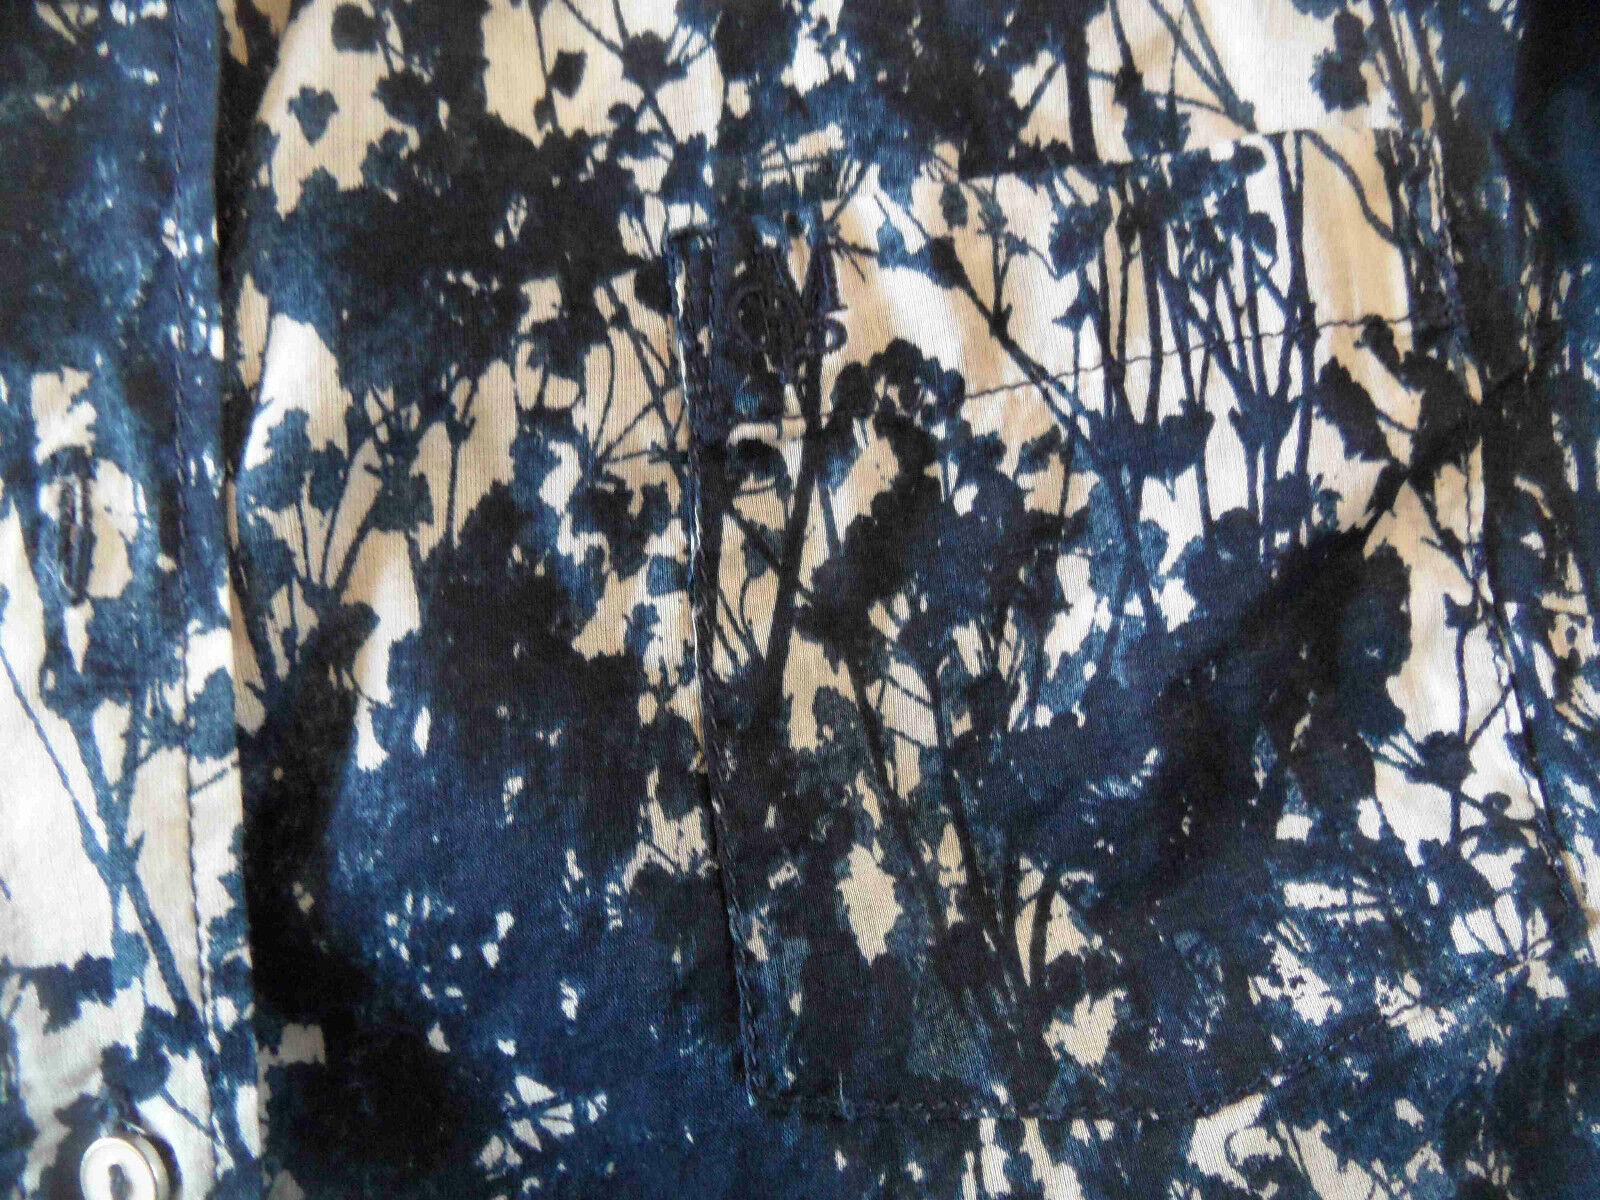 MARC O POLO POLO POLO schöne Blause weiß blau Blaumenmuster organic Gr. 36 NEUw.  PN116 | Online Kaufen  | Nicht so teuer  | Vorzüglich  | Deutschland Berlin  | Ausgezeichnete Qualität  40e2ba